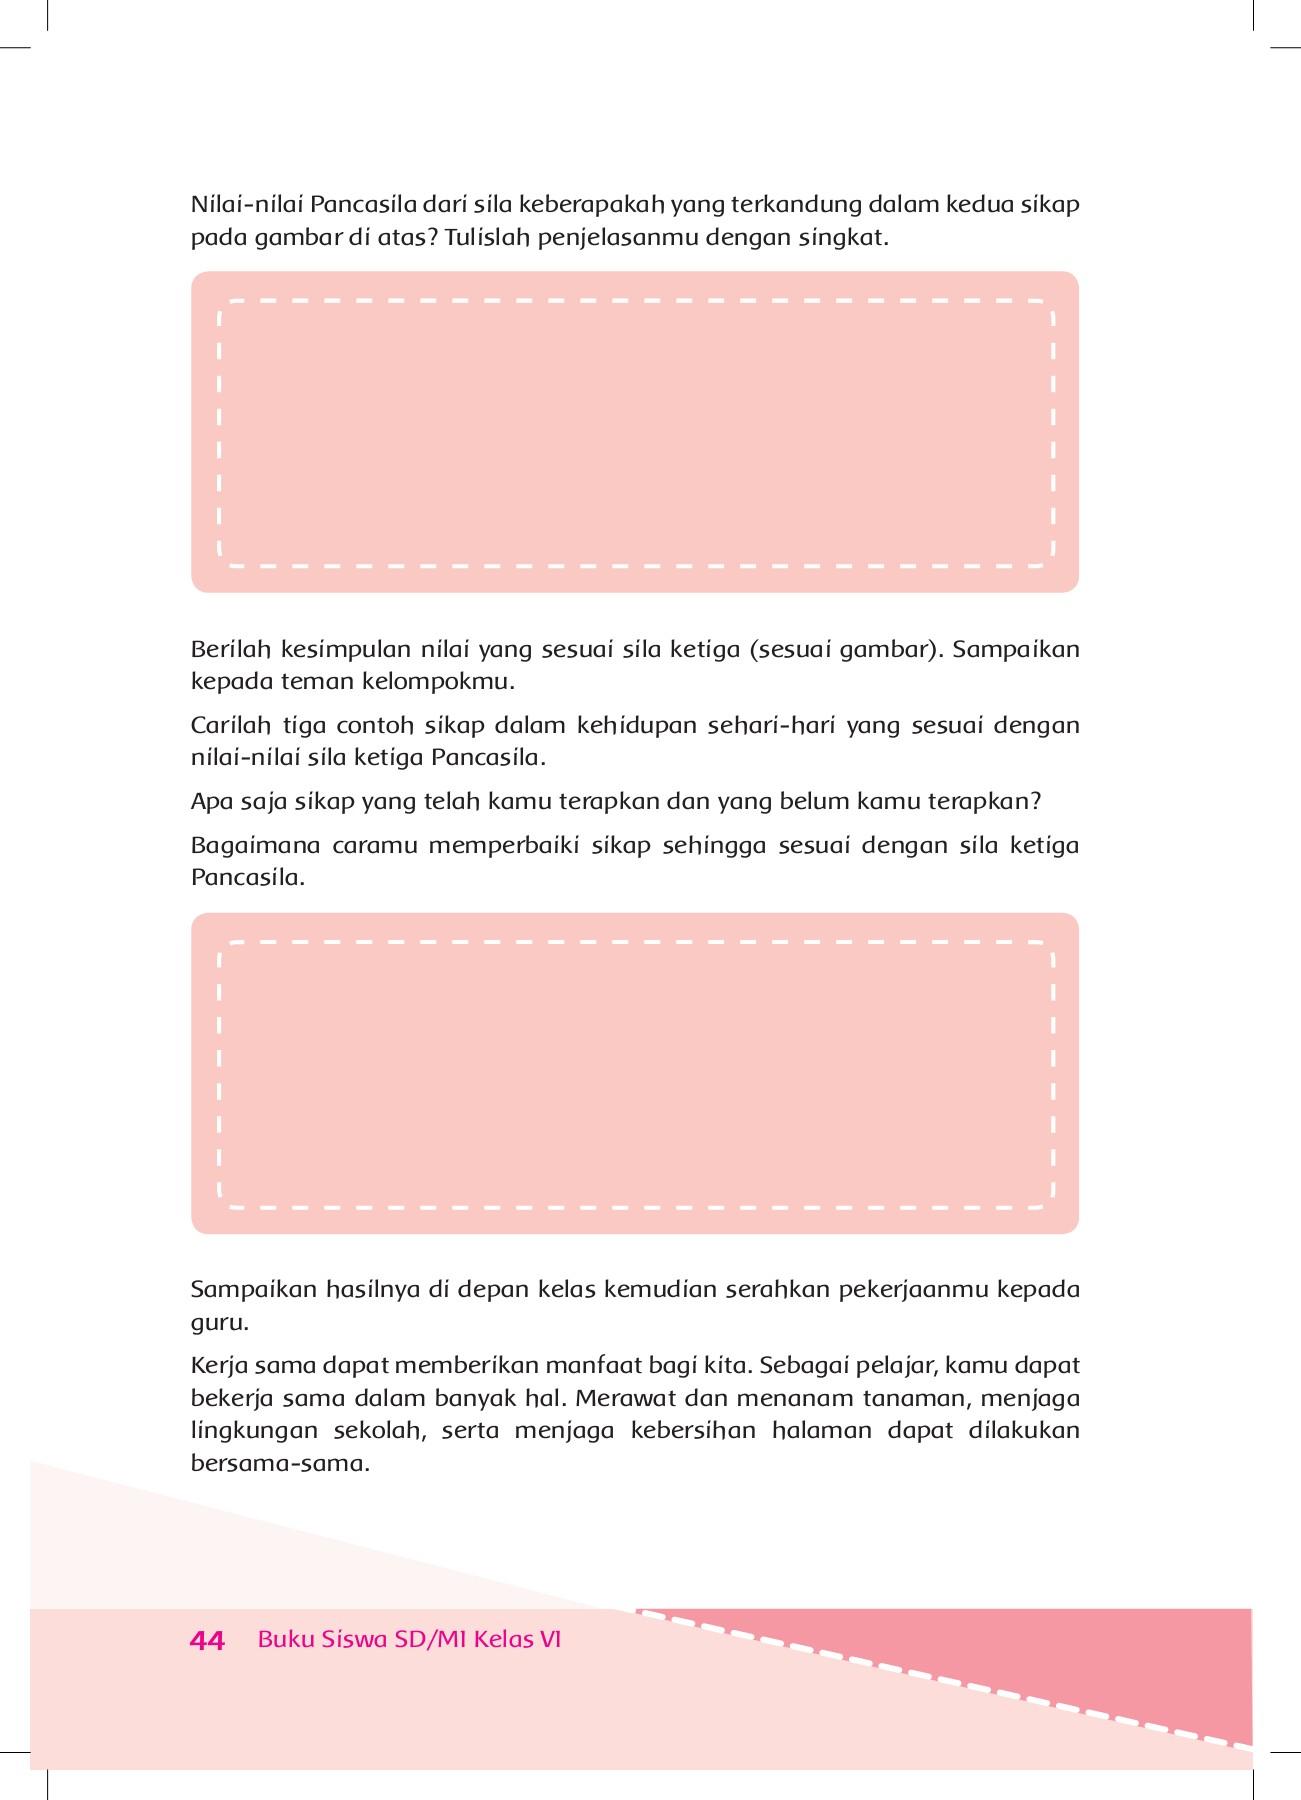 Bagaimana Caramu Memperbaiki Sikap Sehingga Sesuai Dengan Sila Ketiga Pancasila : bagaimana, caramu, memperbaiki, sikap, sehingga, sesuai, dengan, ketiga, pancasila, Siswa, Kelas, Revisi, 2018_ayomadrasah, Pages, Download, FlipHTML5